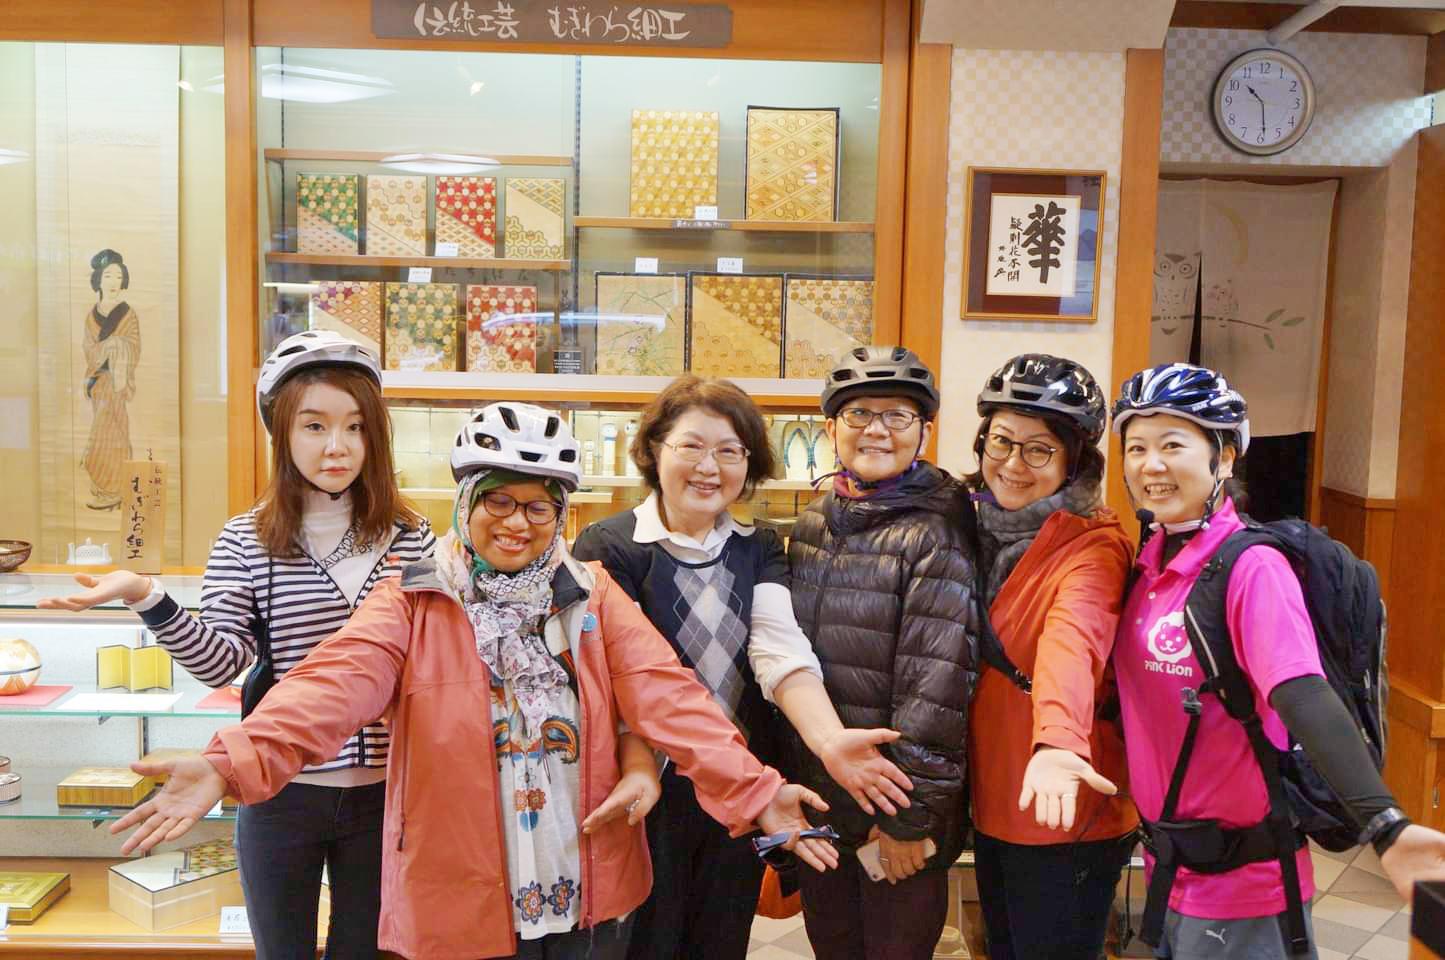 城崎ガイドツアーのお客様と地元の人たちとの交流も